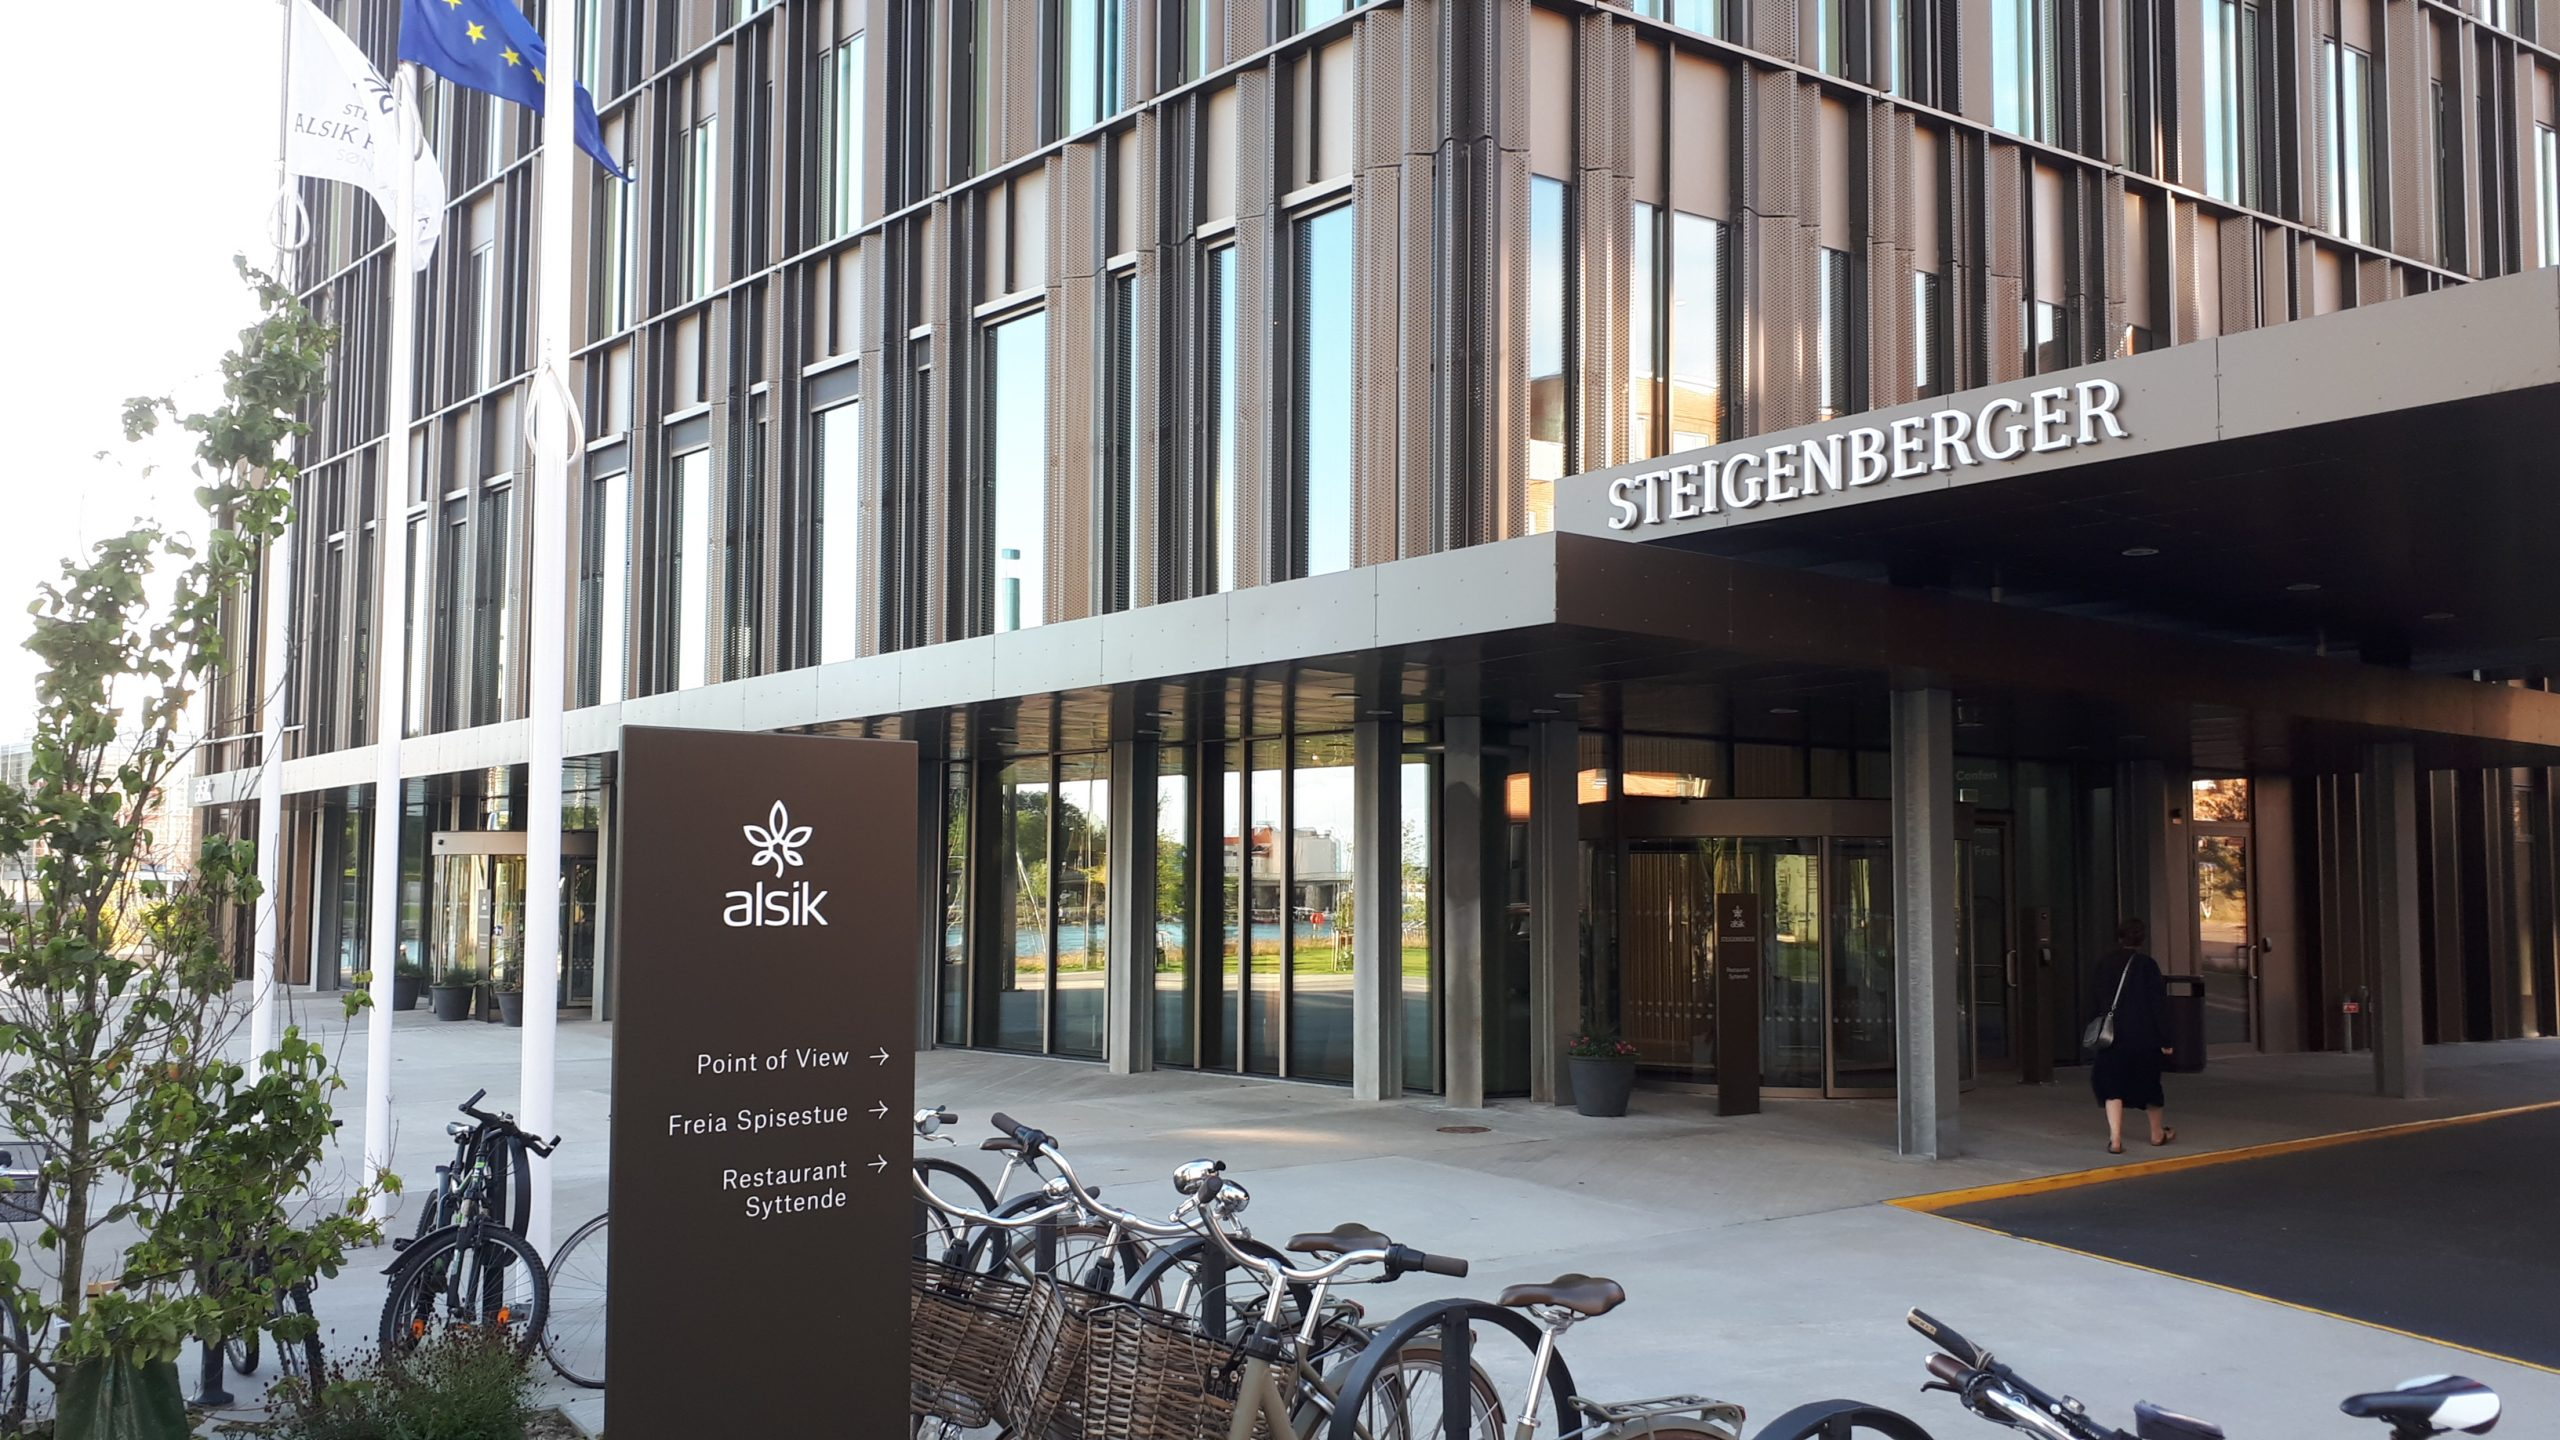 Med 190 værelser og suiter er Steigenberger Alsik Hotel & Spa det største hotel i Sønderjylland. Hotellet åbnede sidste forår, men har haft svært ved at finde en permanent direktør. Arkivfoto: Henrik Baumgarten.